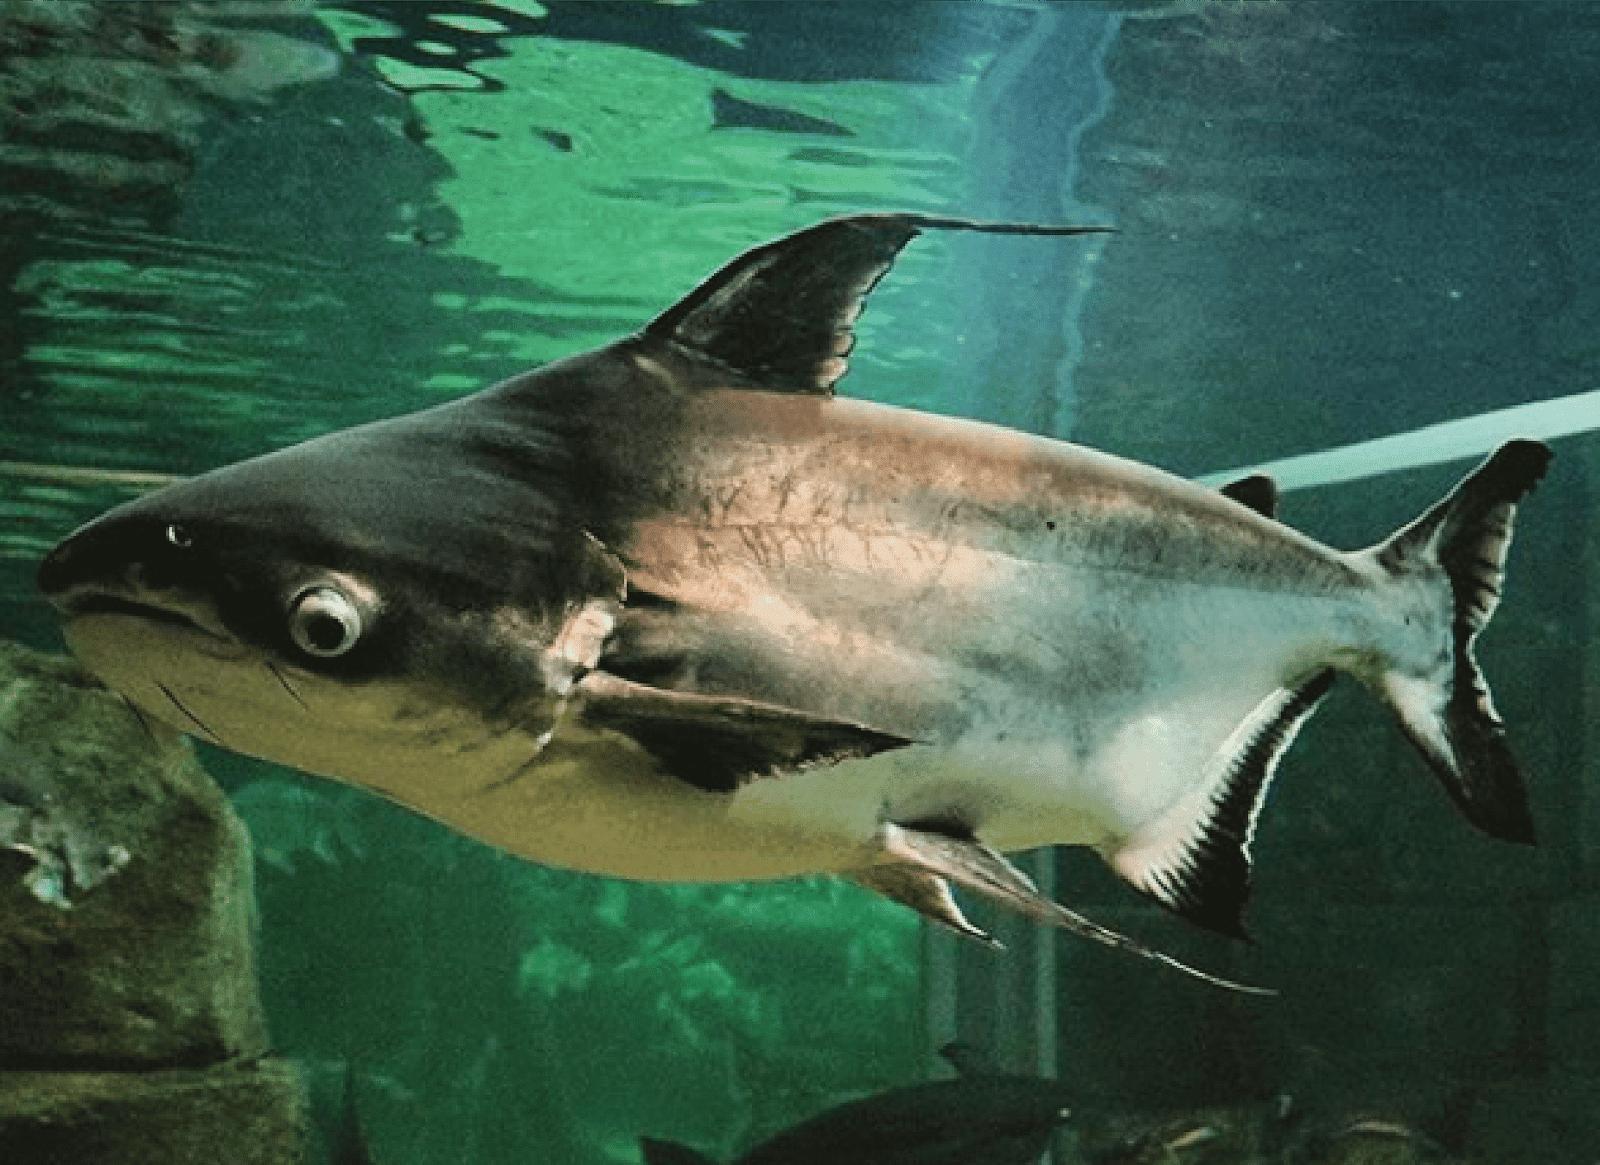 15 Jenis Ikan Air Tawar Yang Bisa Jadi Referensi Untuk Memulai Bisnis Budidaya 13